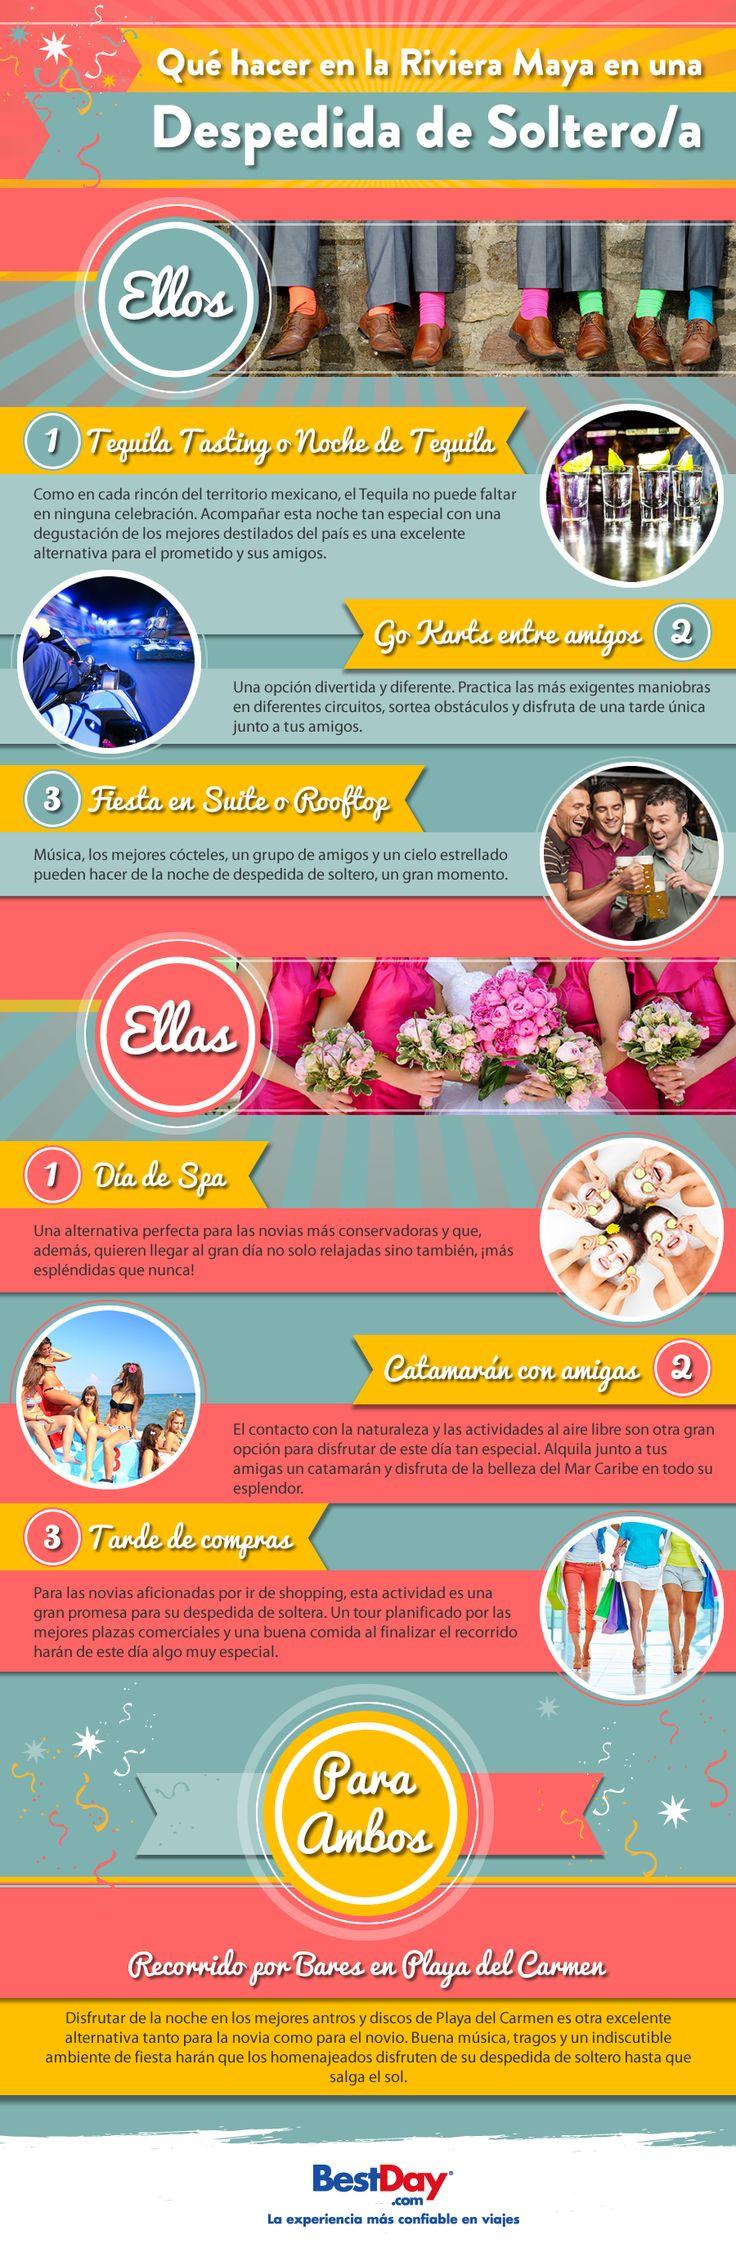 ¿Aún no sabes dónde pasar tus últimos días de soltería con tu grupo de amigos? Playa del Carmen es una excelente opción para una despedida de soltero/a. ¡Checa nuestra infografía!